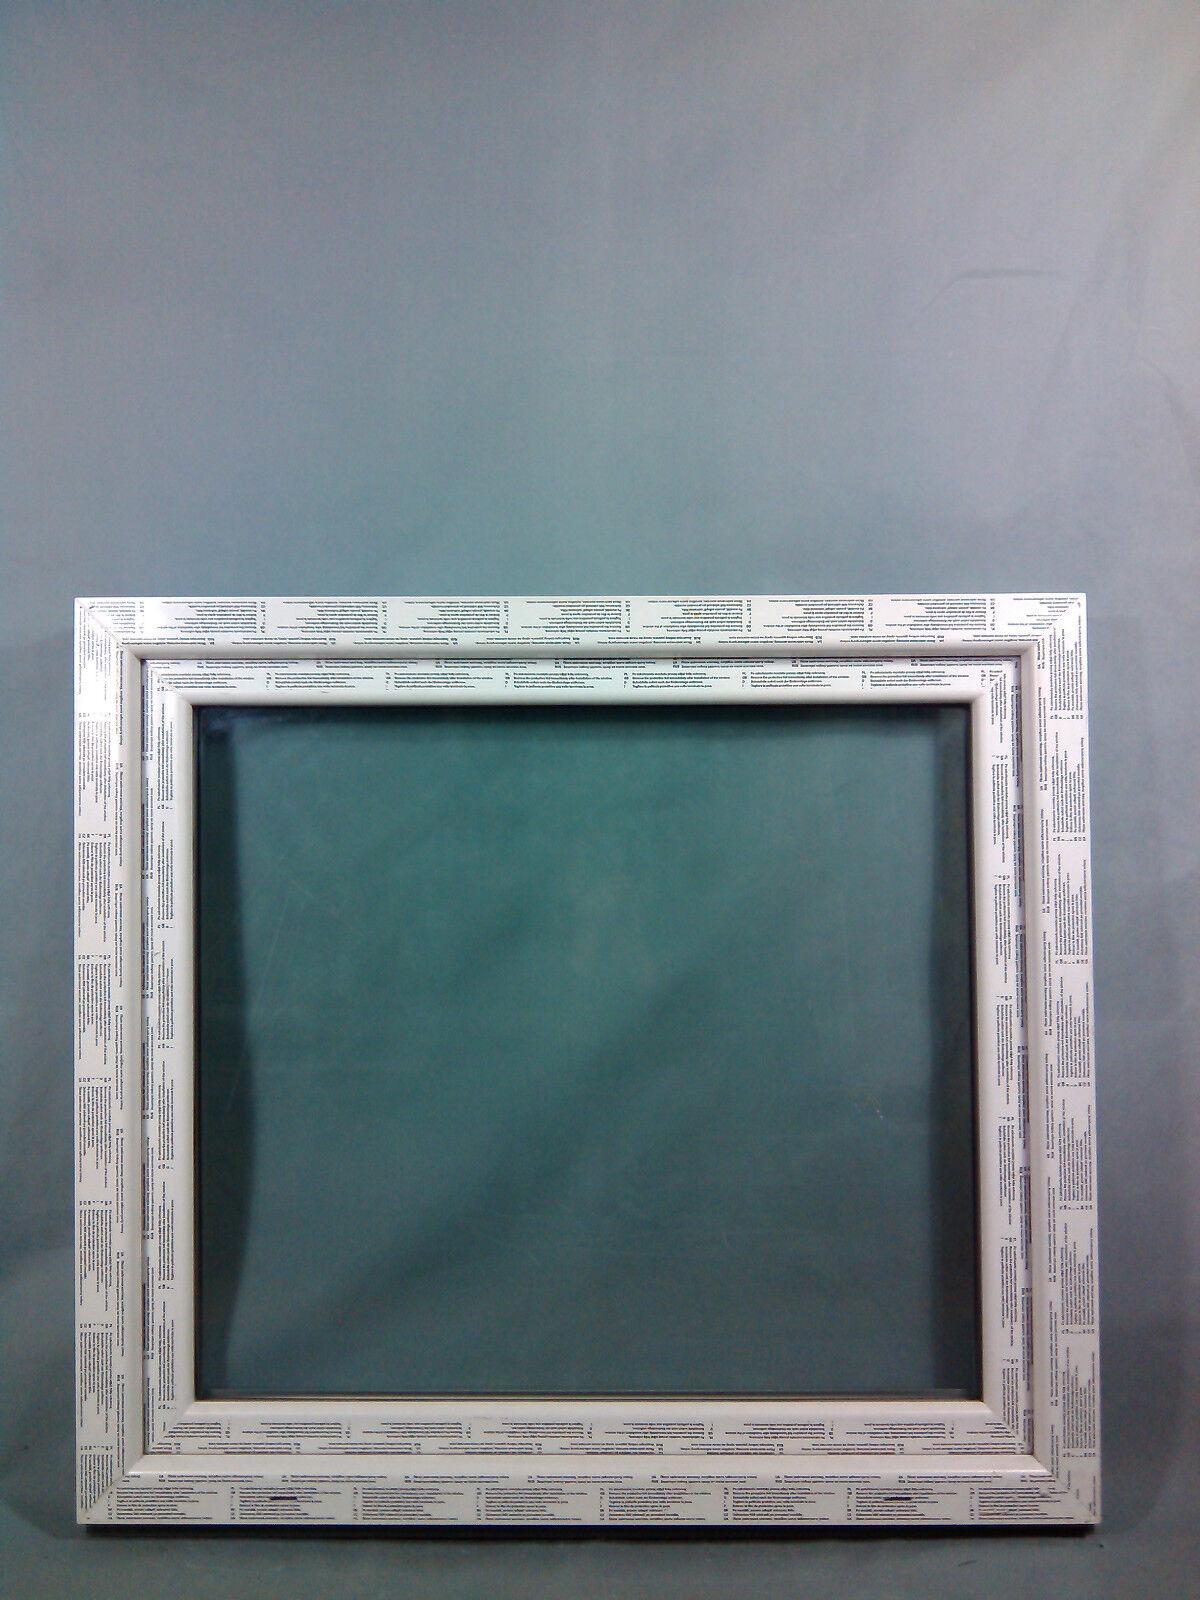 Kunststofffenster Fenster Salamander, 110x100 cm bxh, weiß